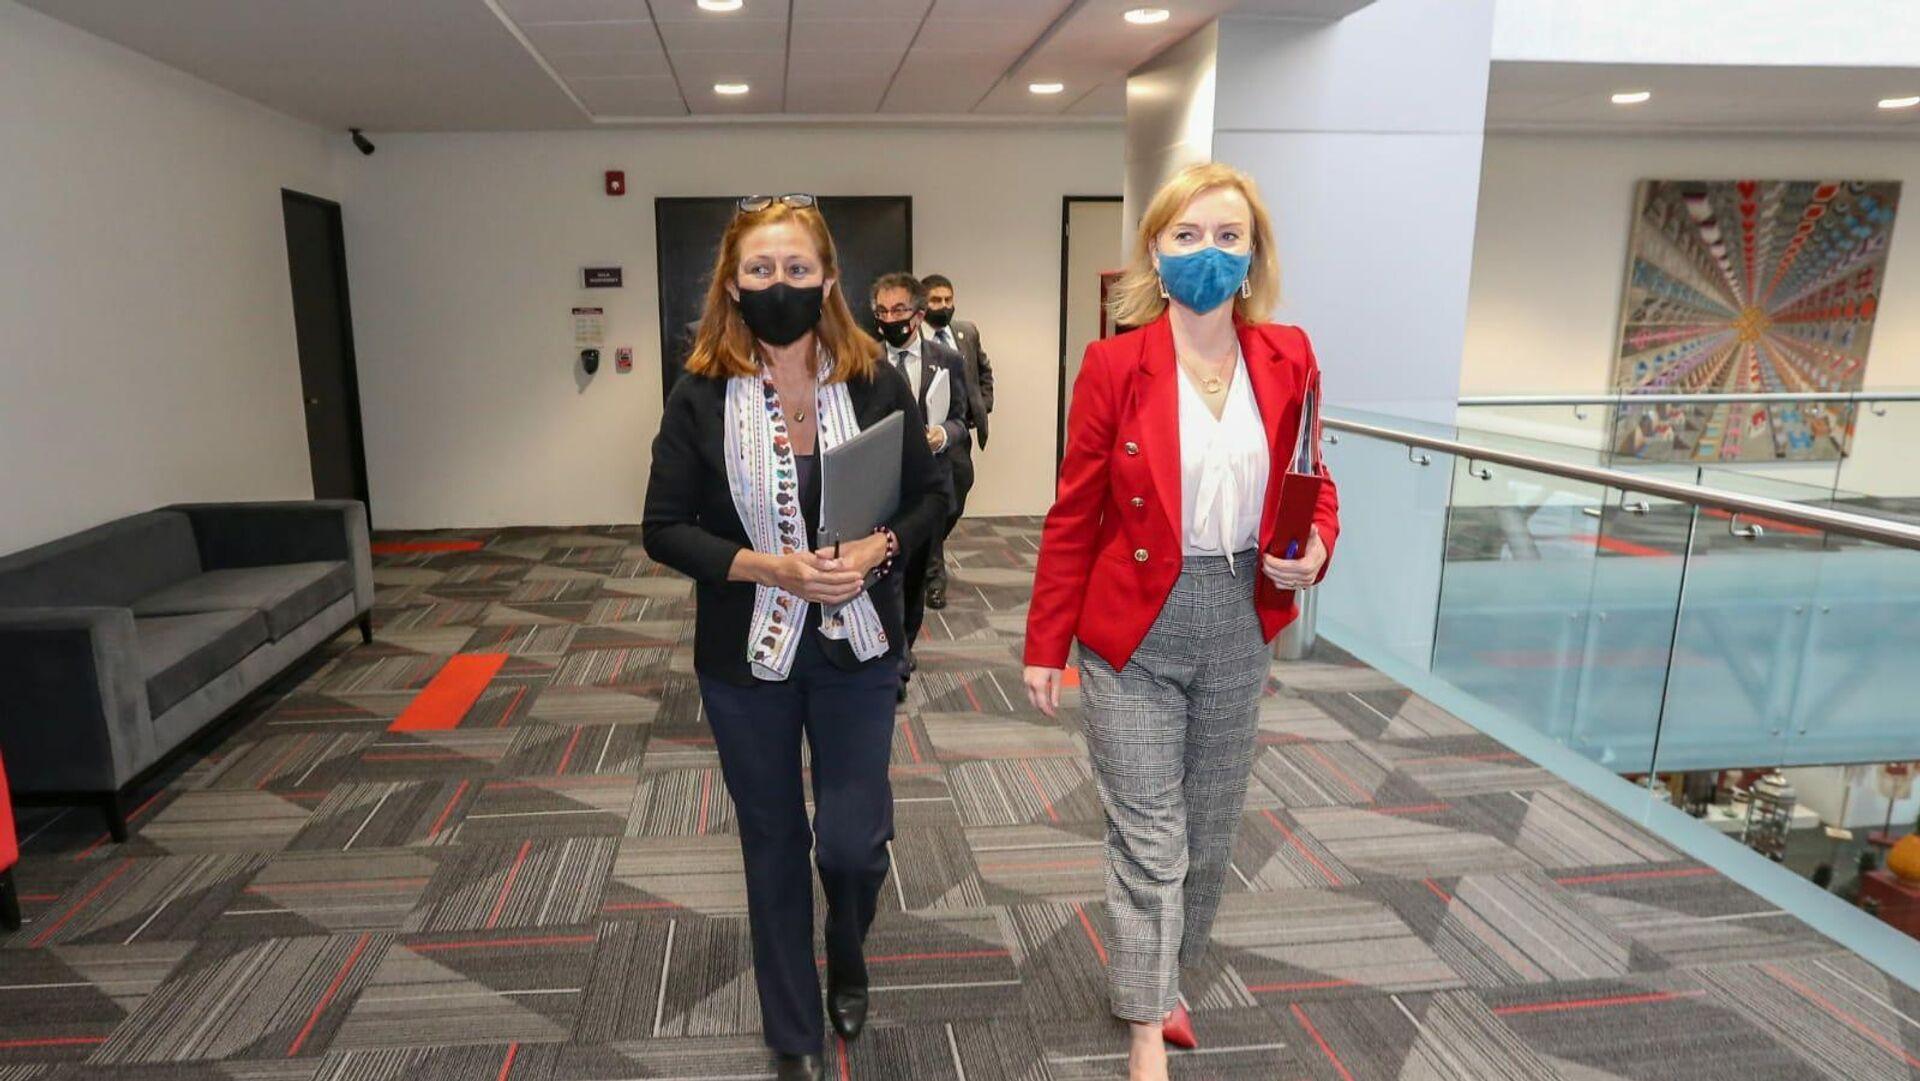 Tatiana Clouthier y Liz Truss, funcionarias de México y Reino Unido, respectivamente - Sputnik Mundo, 1920, 23.09.2021